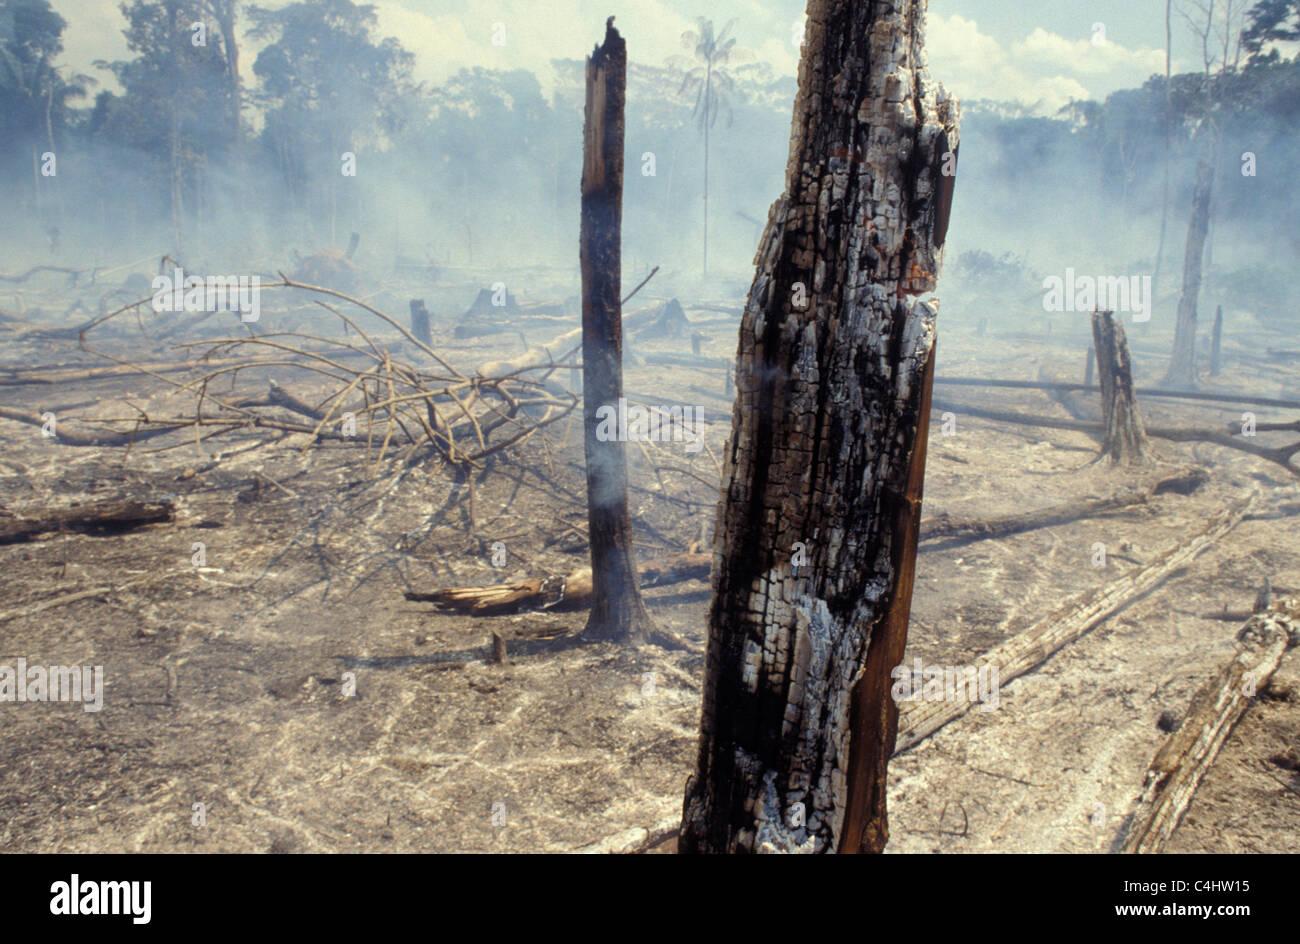 Forêt Amazonienne la gravure. La déforestation. Le Brésil. Arbres brûlés, déséquilibre Photo Stock